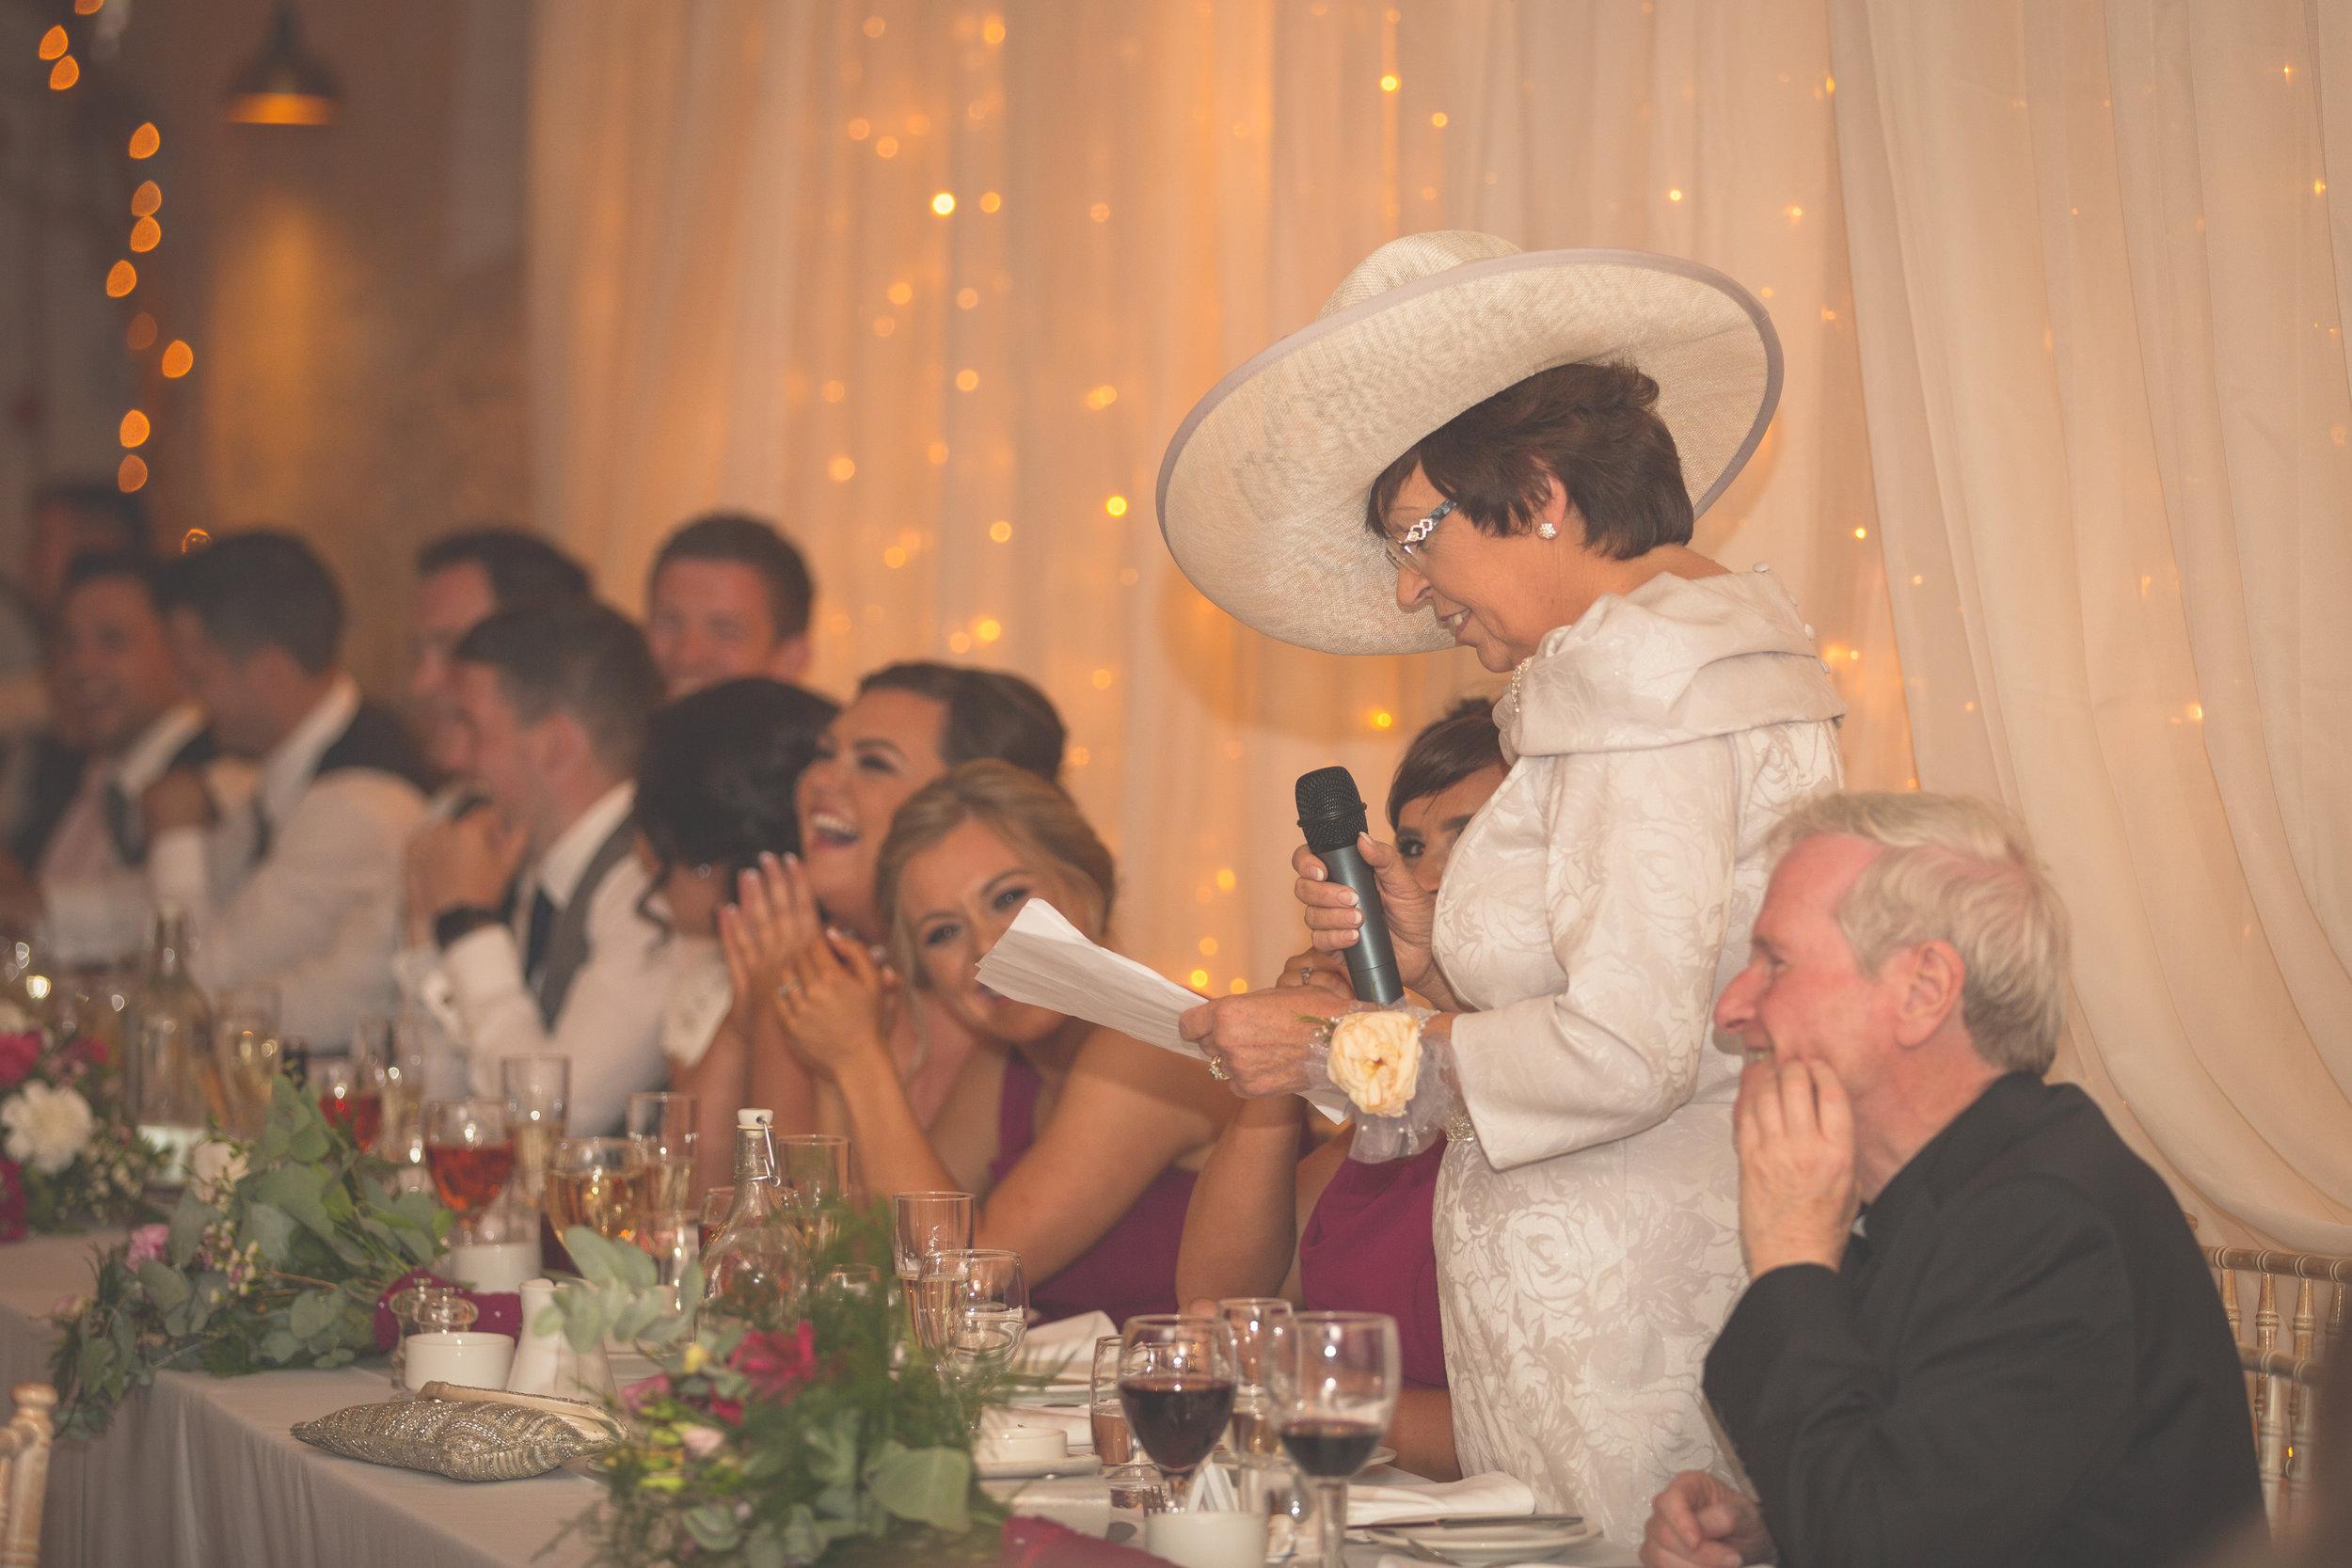 Brian McEwan Wedding Photography | Carol-Anne & Sean | The Speeches-57.jpg